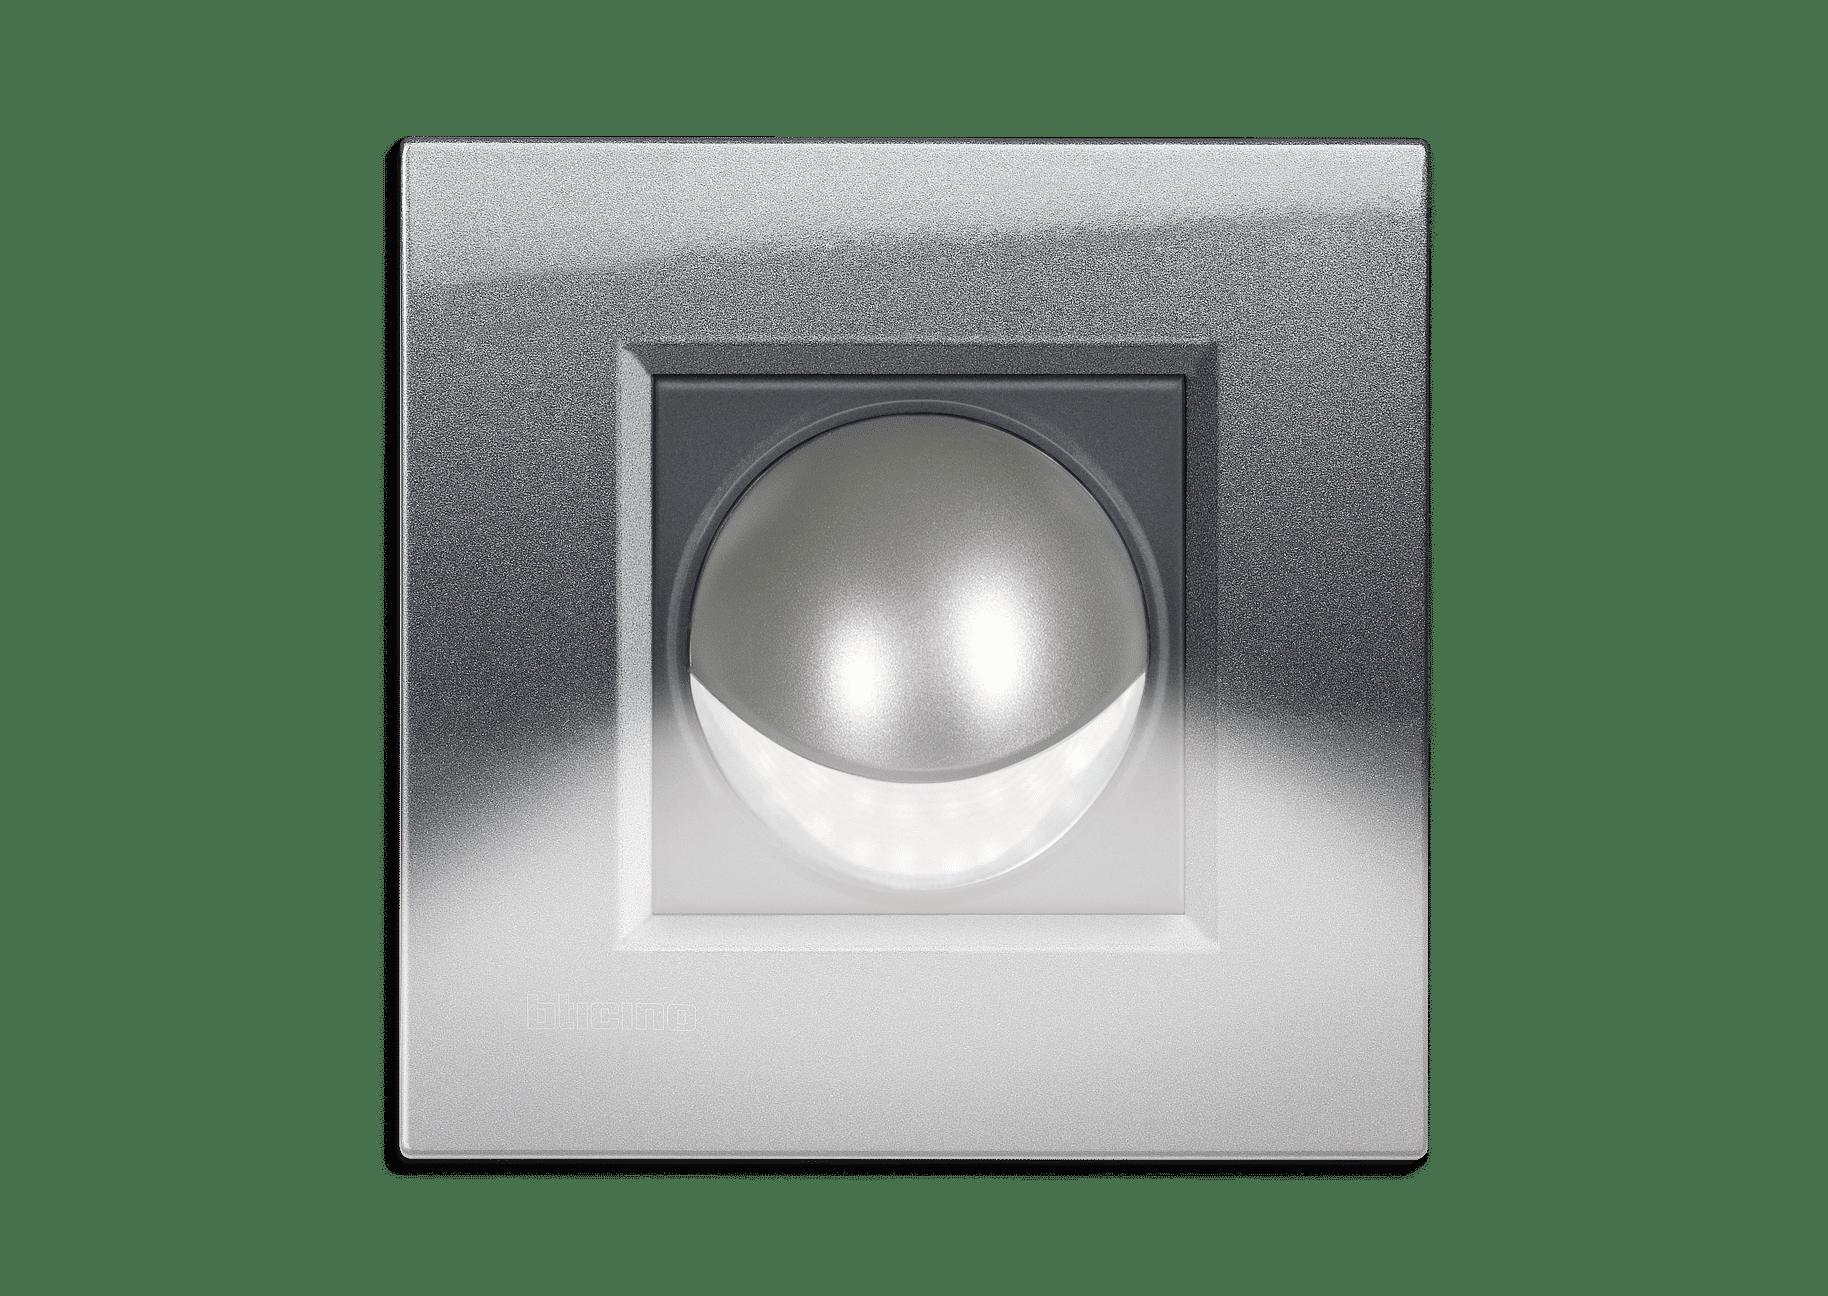 Plafoniere A Led Per Scale Condominiali : Illuminazione led